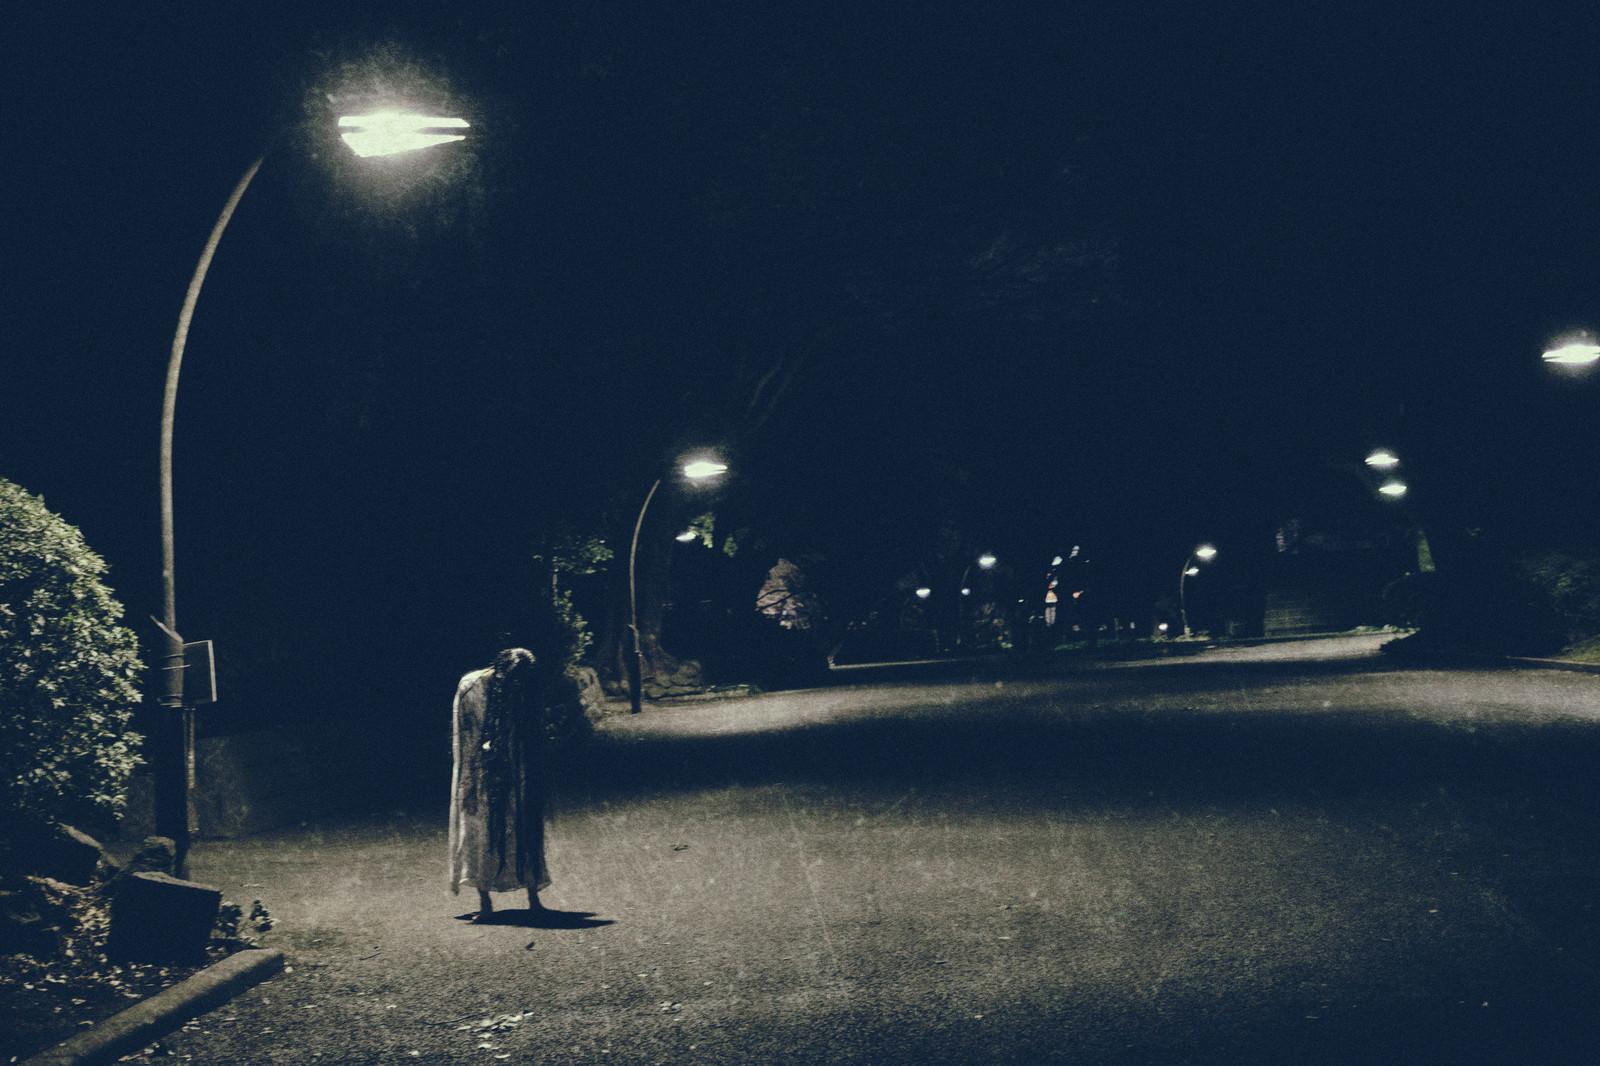 「薄暗い街灯下の女の怨念薄暗い街灯下の女の怨念」[モデル:緋真煉]のフリー写真素材を拡大